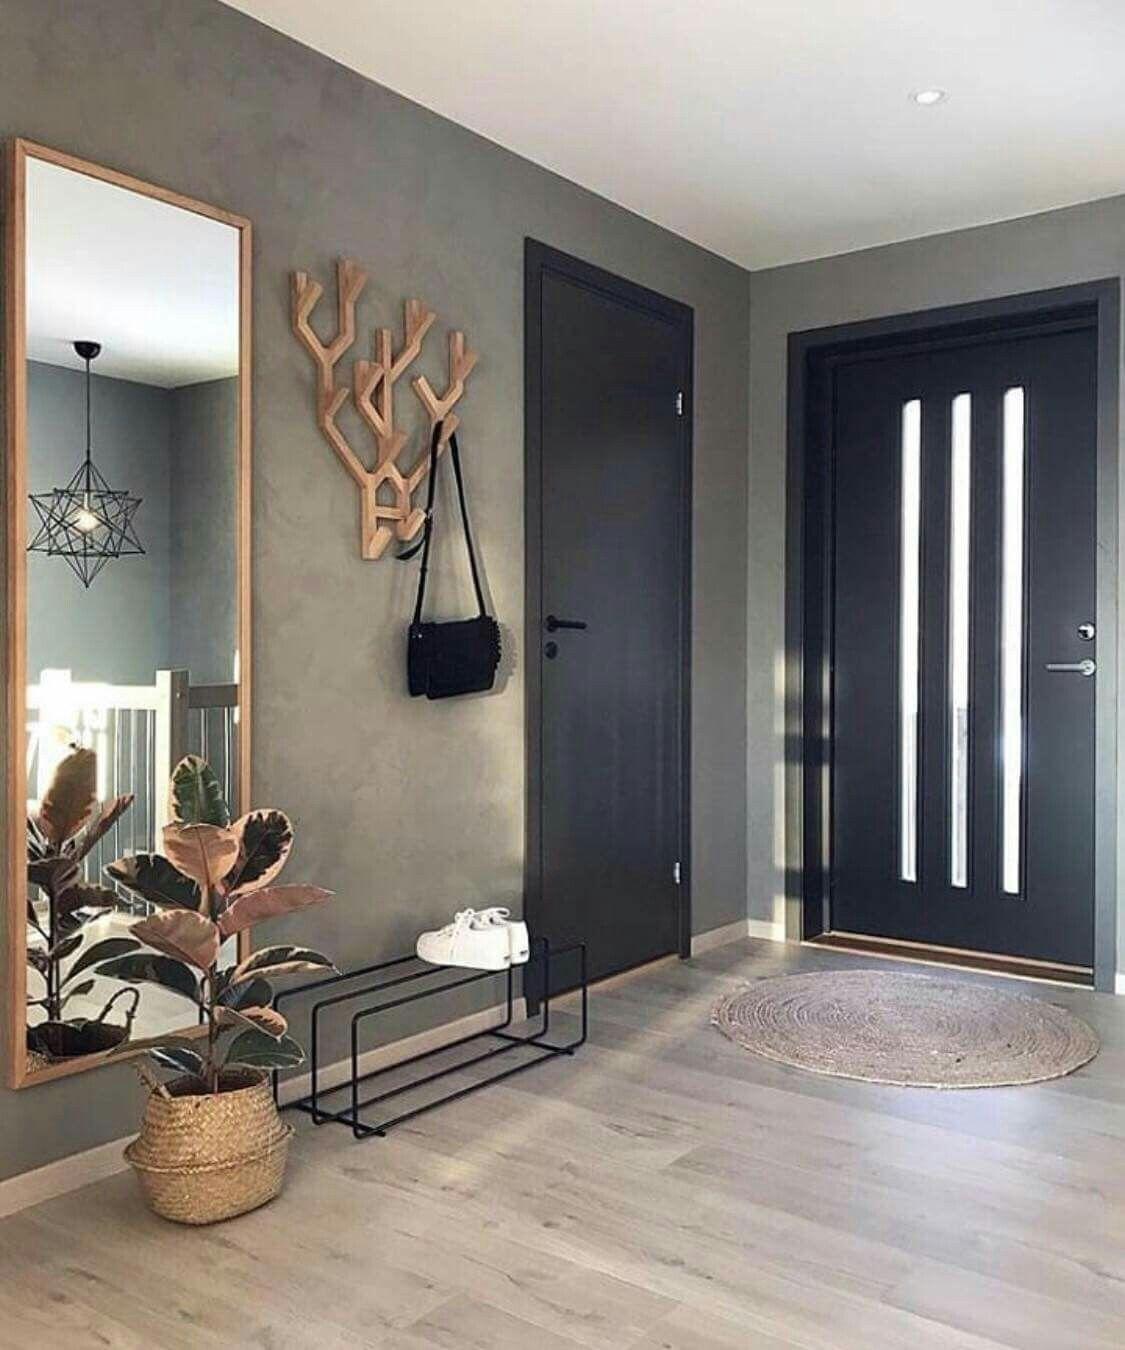 Décoration Entrée De Maison Épinglé par hanna sur einrichtung | déco entrée maison, idée